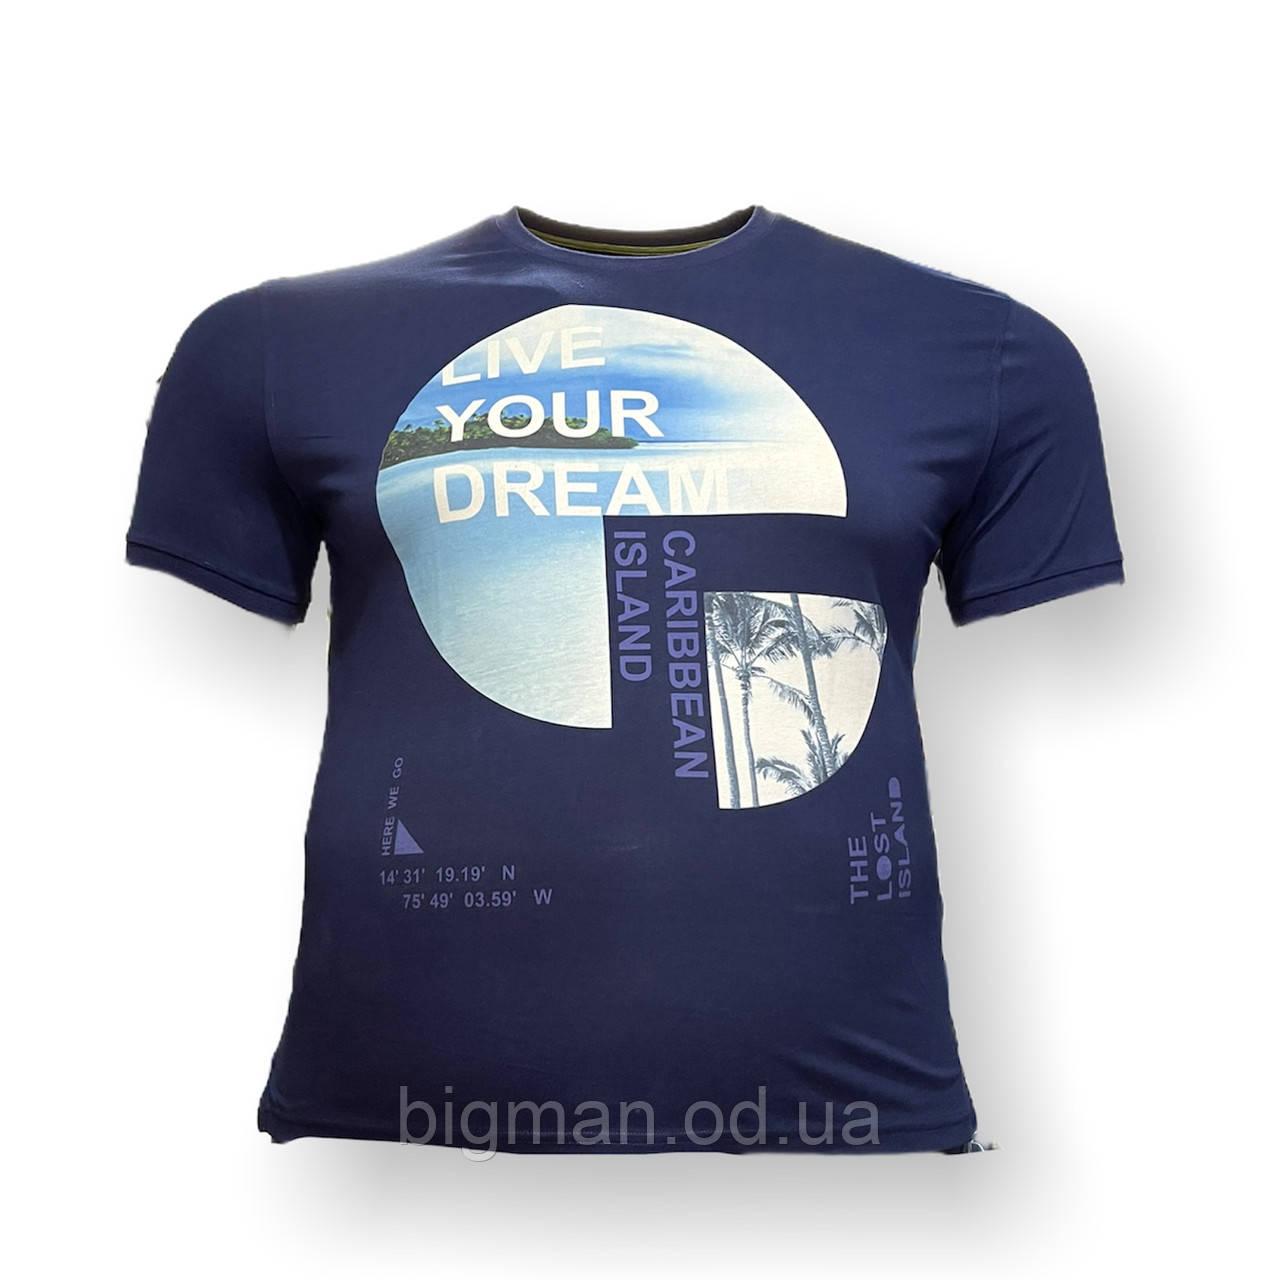 Чоловіча батальна футболка Grand la Vita 12114 3XL 4XL 5XL 6XL 7XL темно-синя великі розміри Туреччина